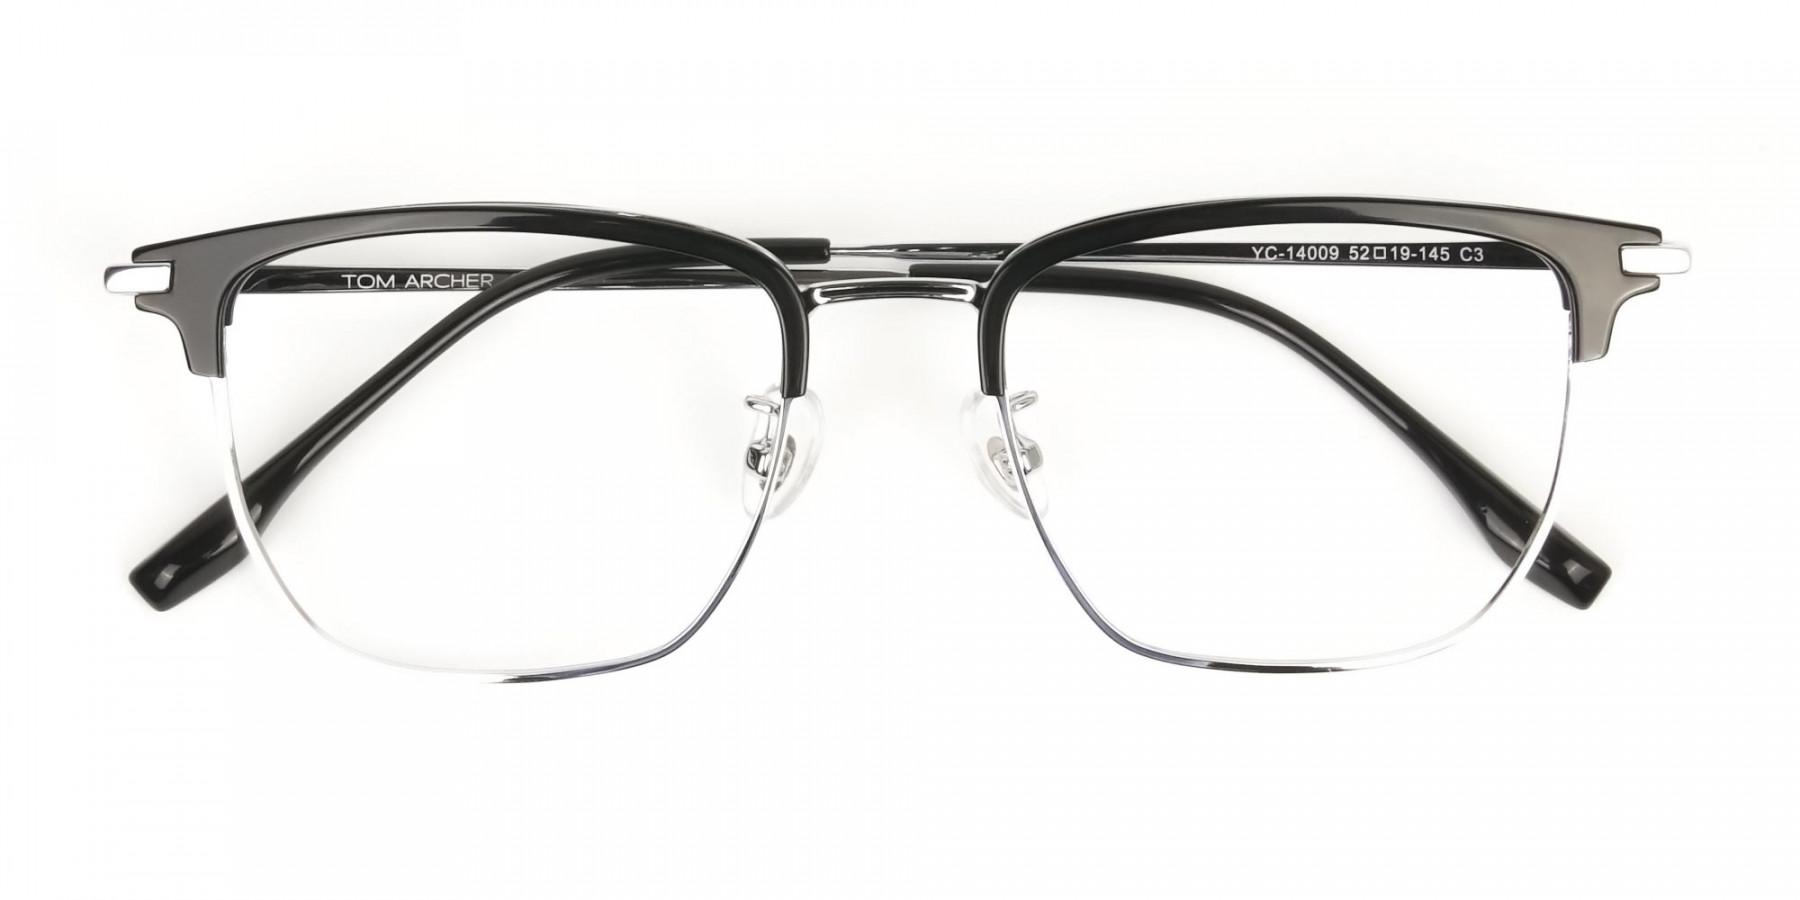 Wayfarer Browline Black & Silver Large Frame Glasses - 1